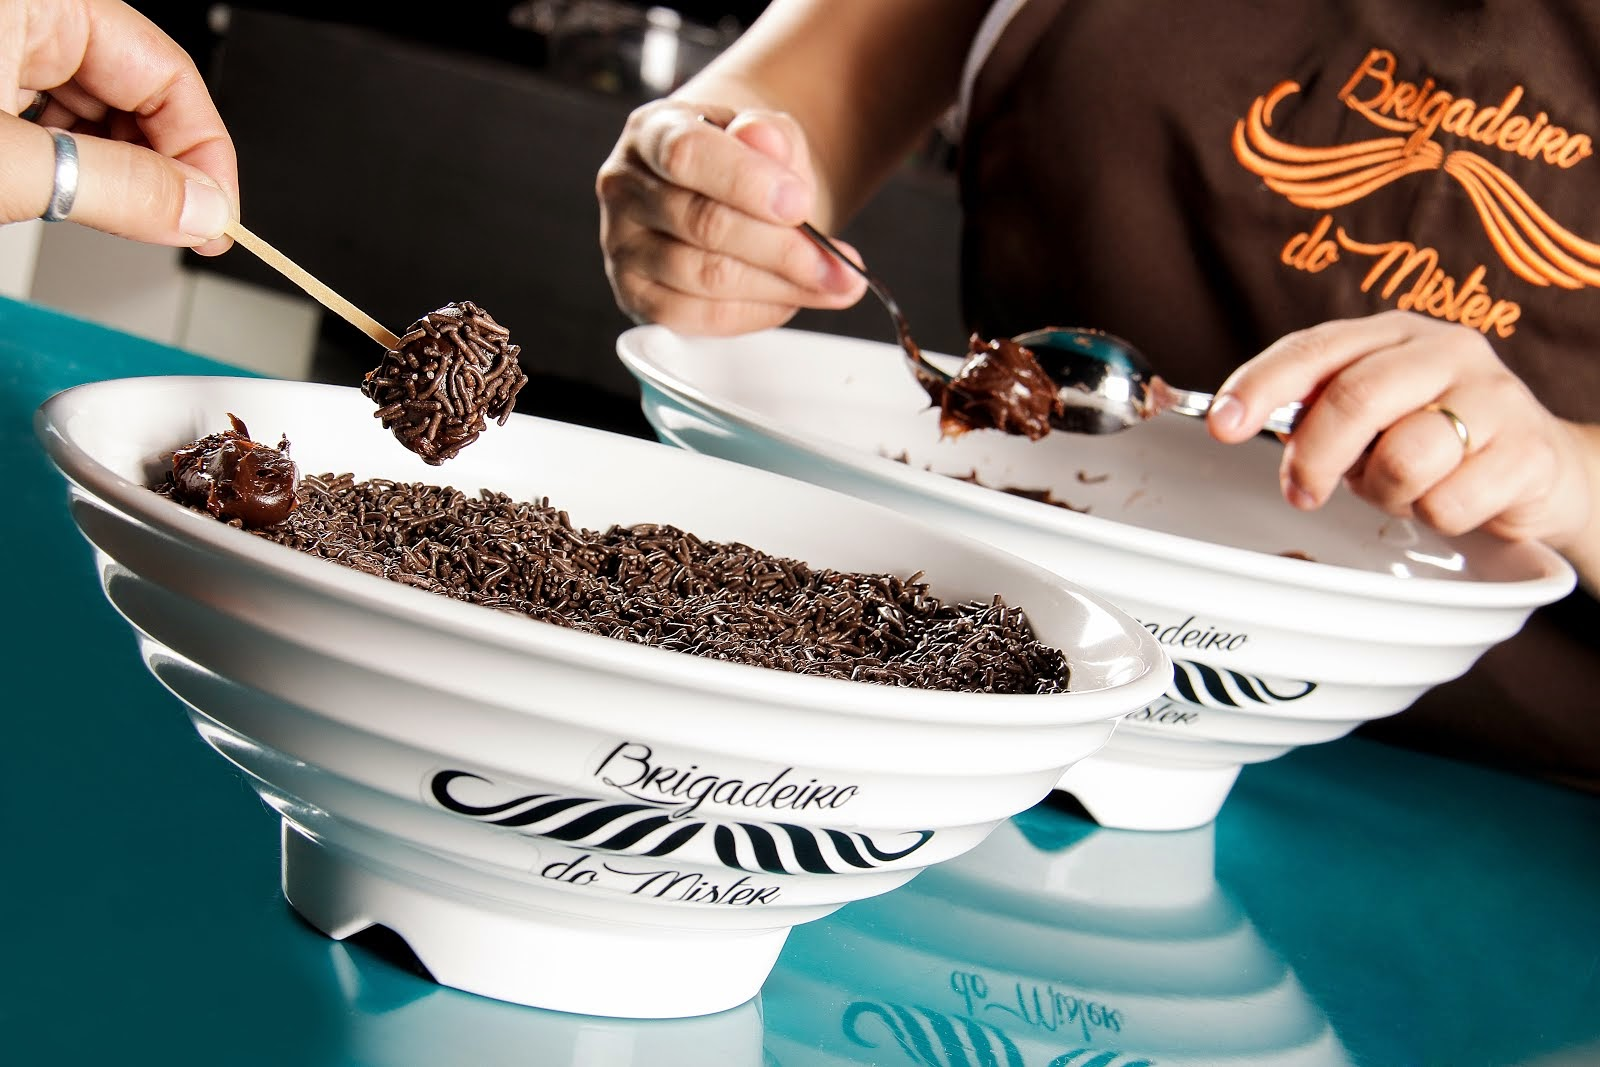 Buffet de Brigadeiro Gourmet em Sorocaba - SP (clique na imagem)